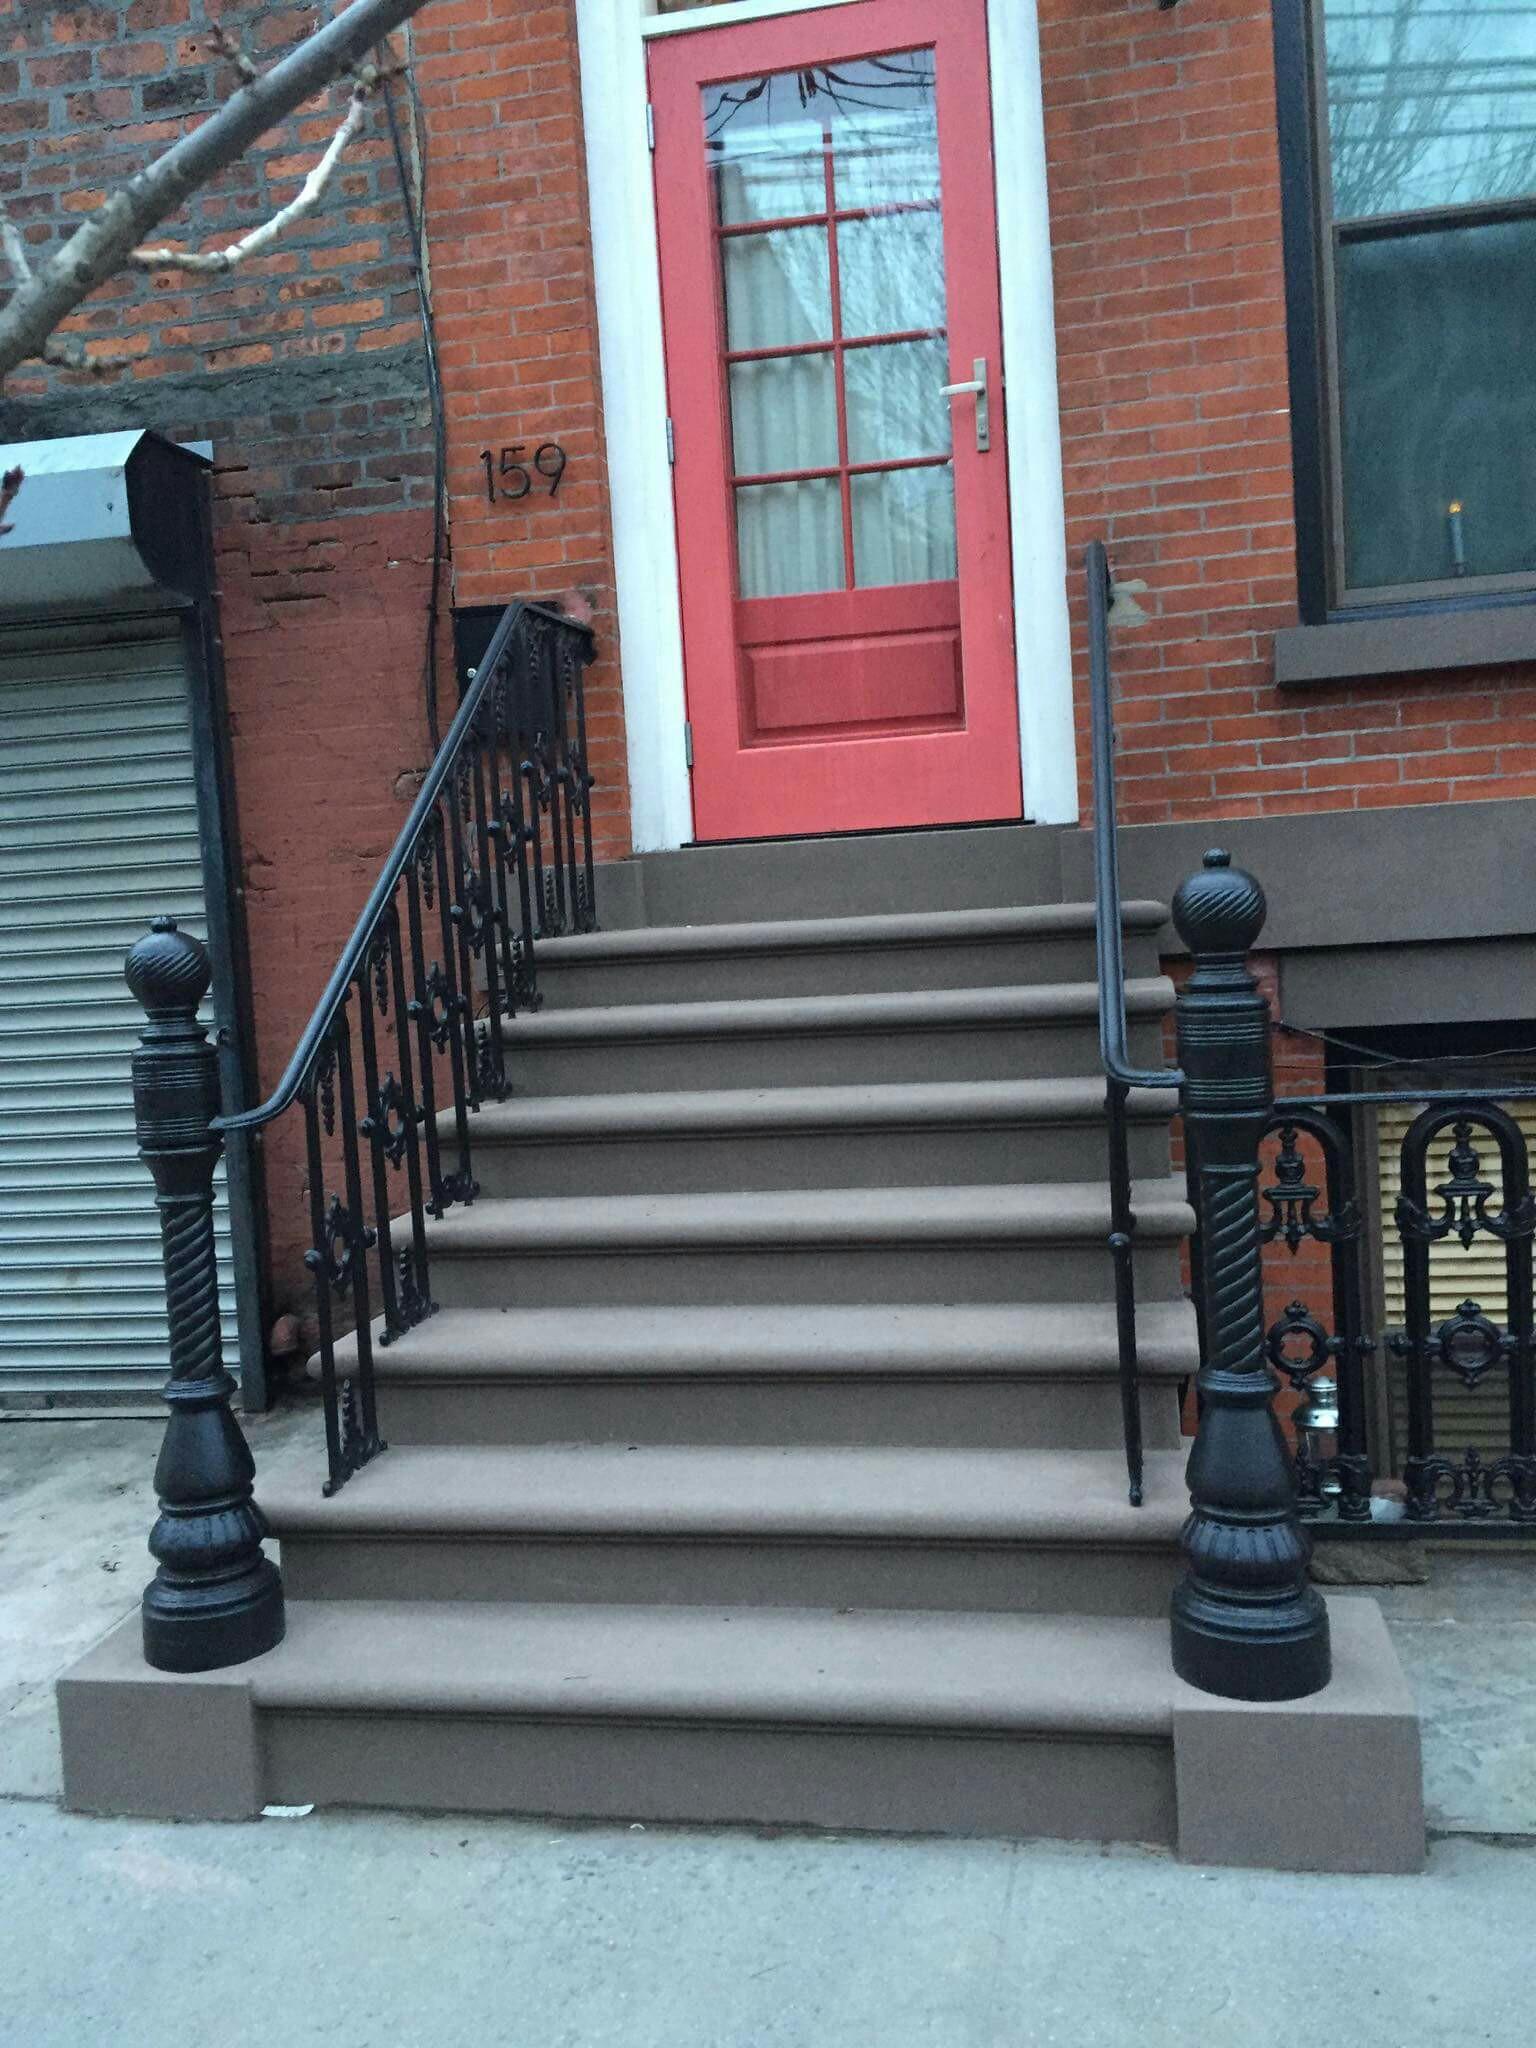 Ashmit Construction Co Brooklyn, NY 11218 - YP.com